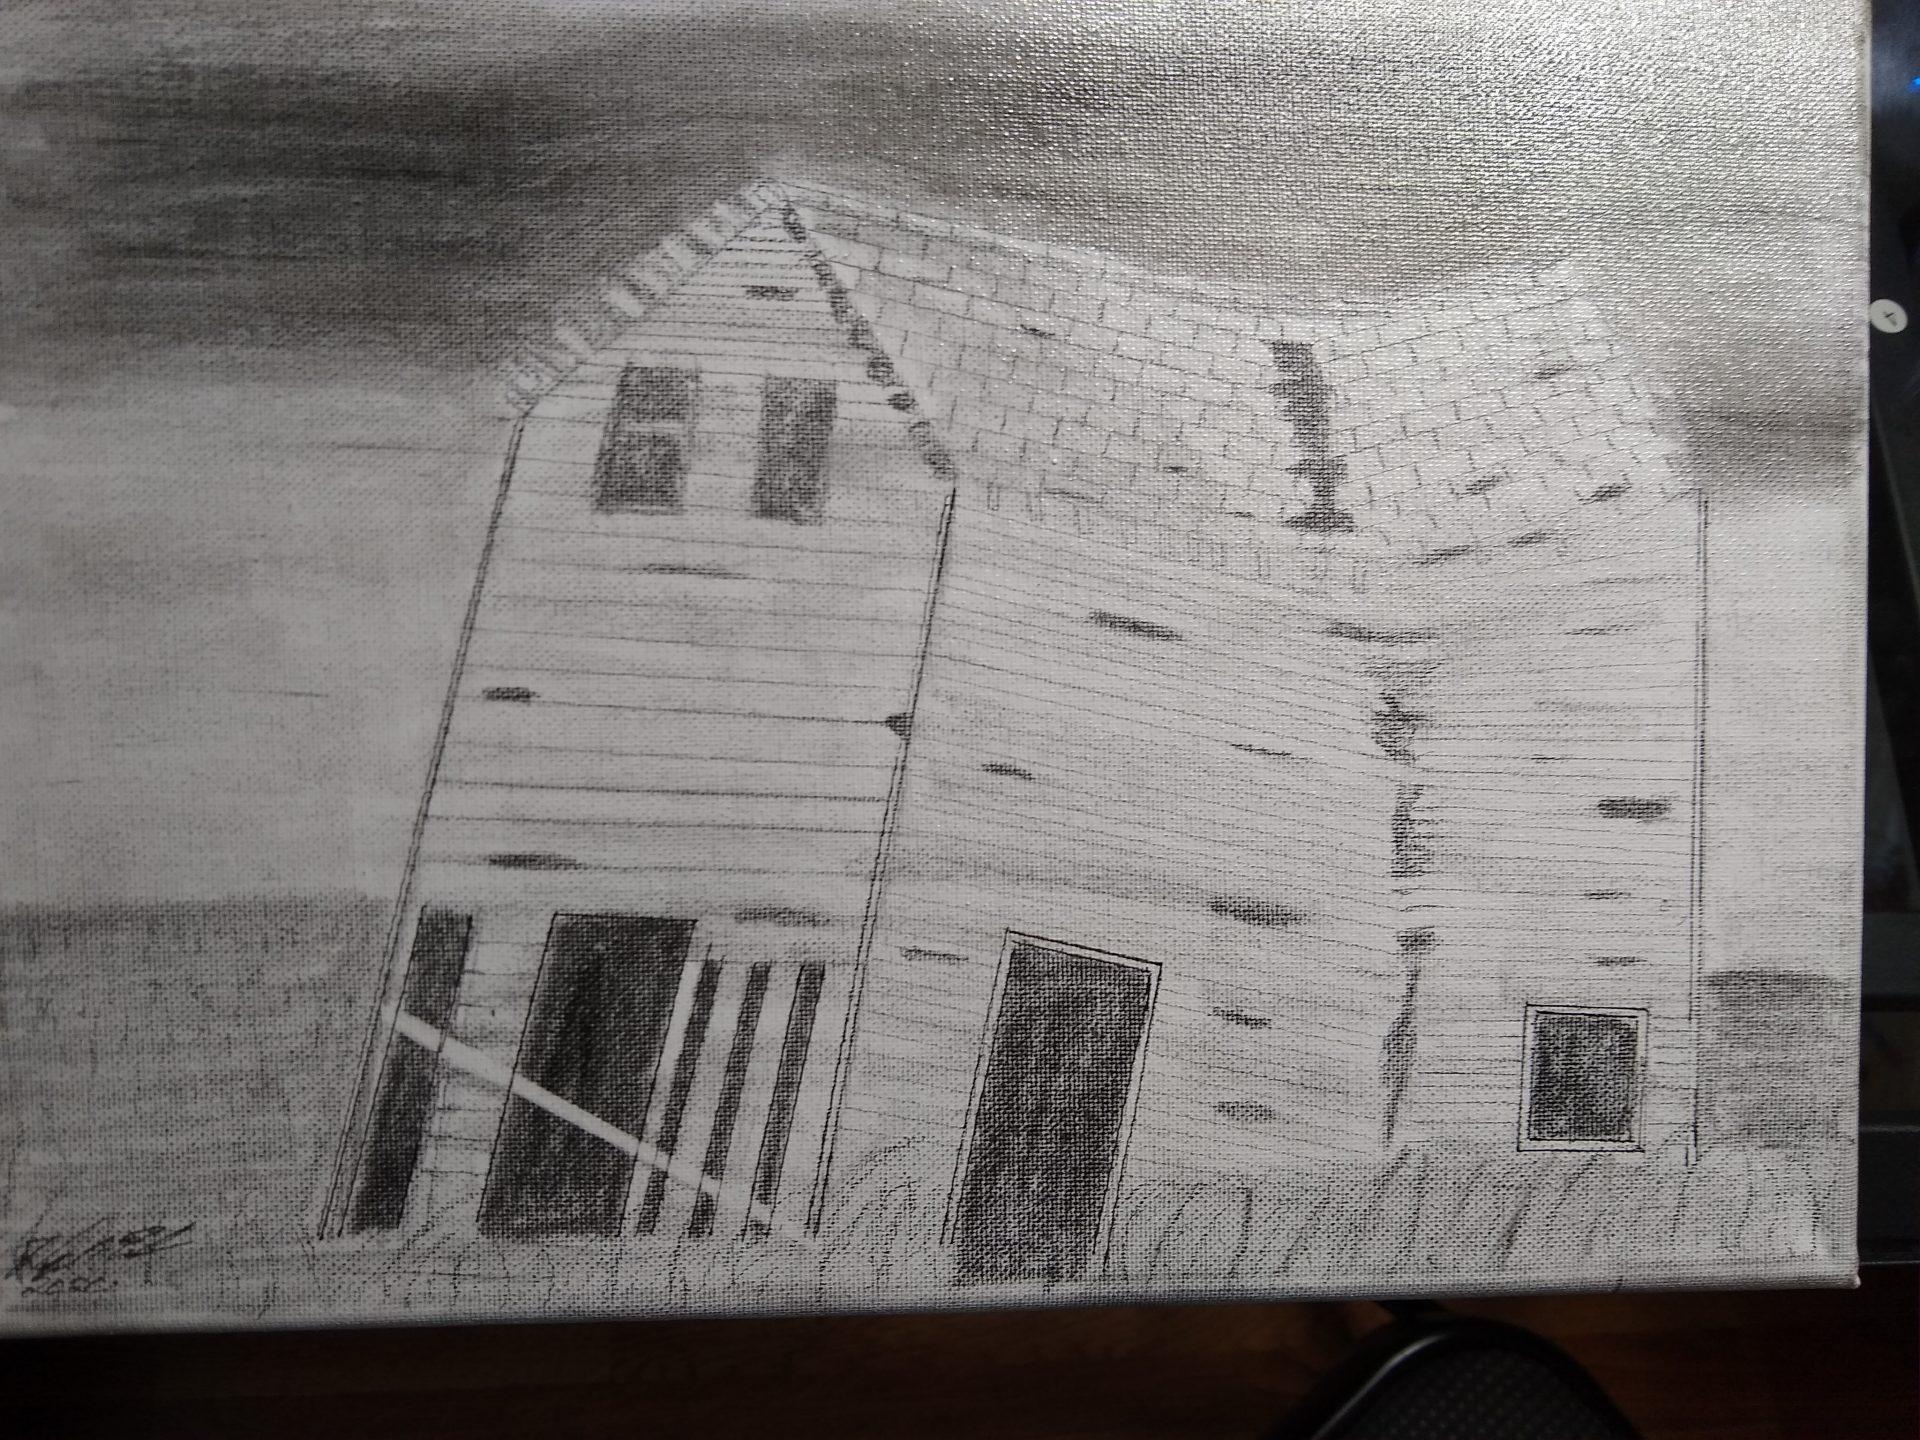 Old abandon house